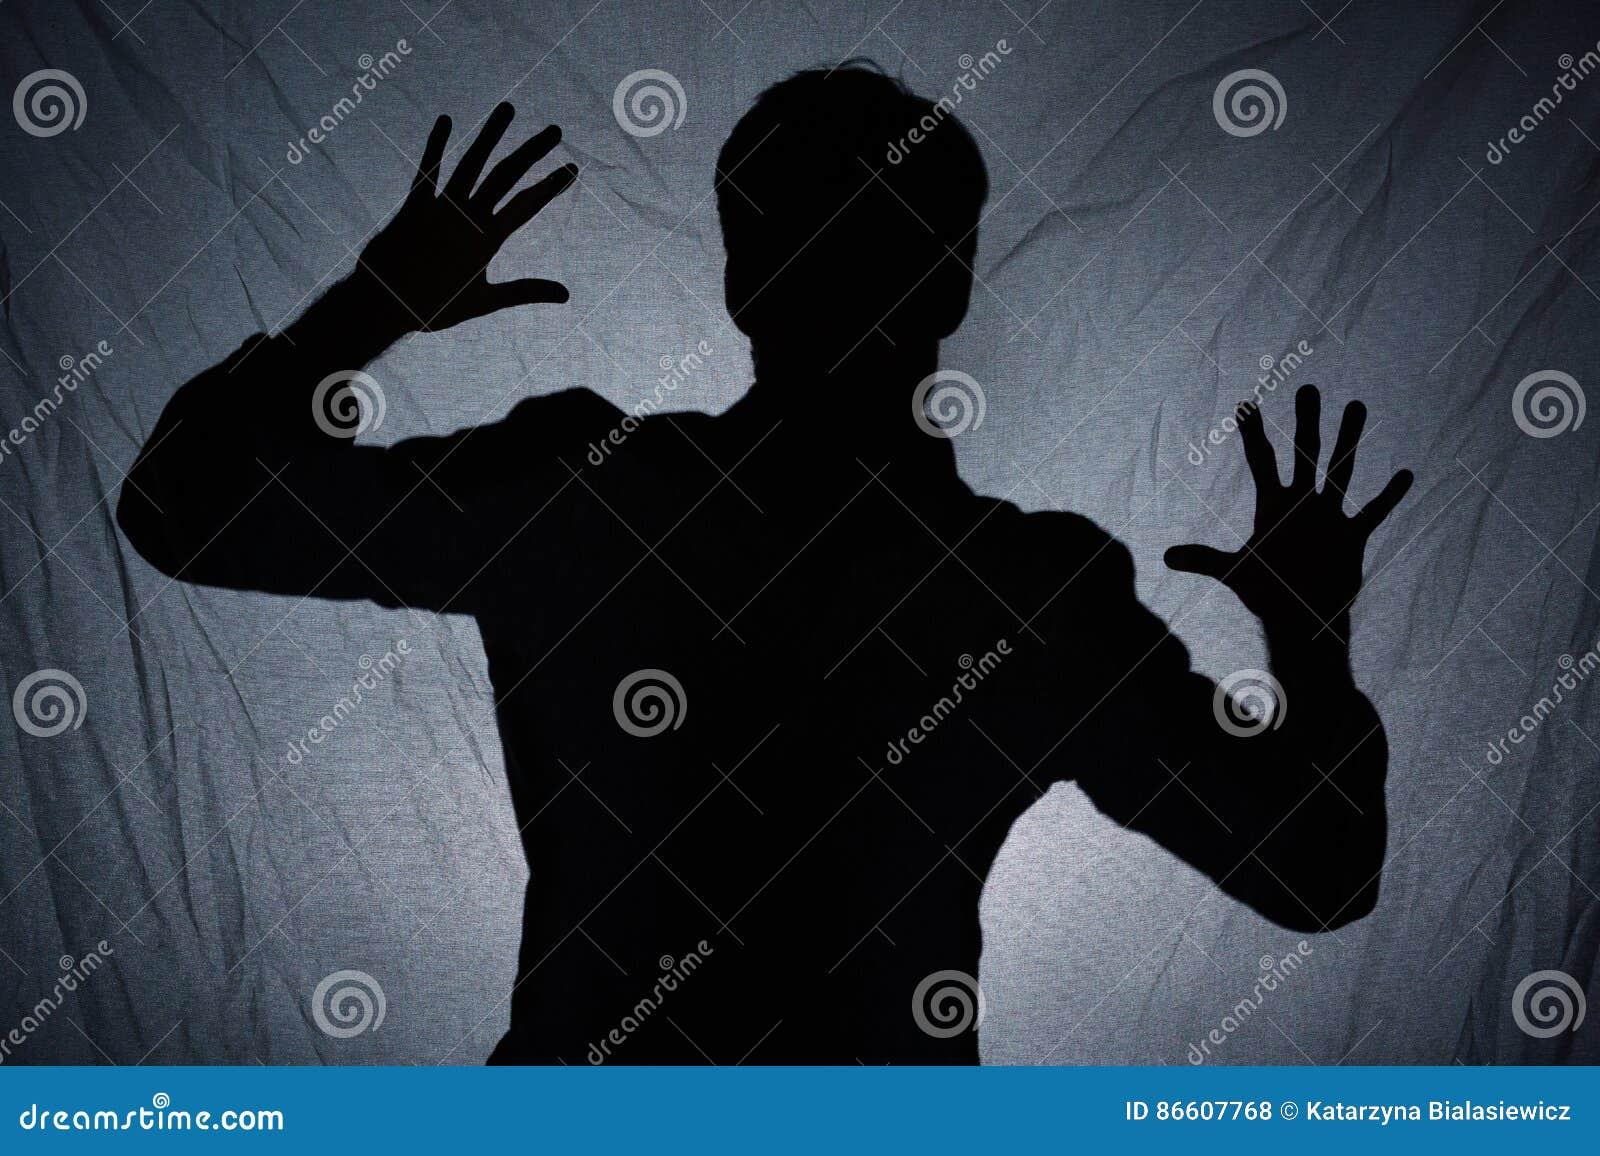 Schatten des Mannes hinter dunklem Gewebe